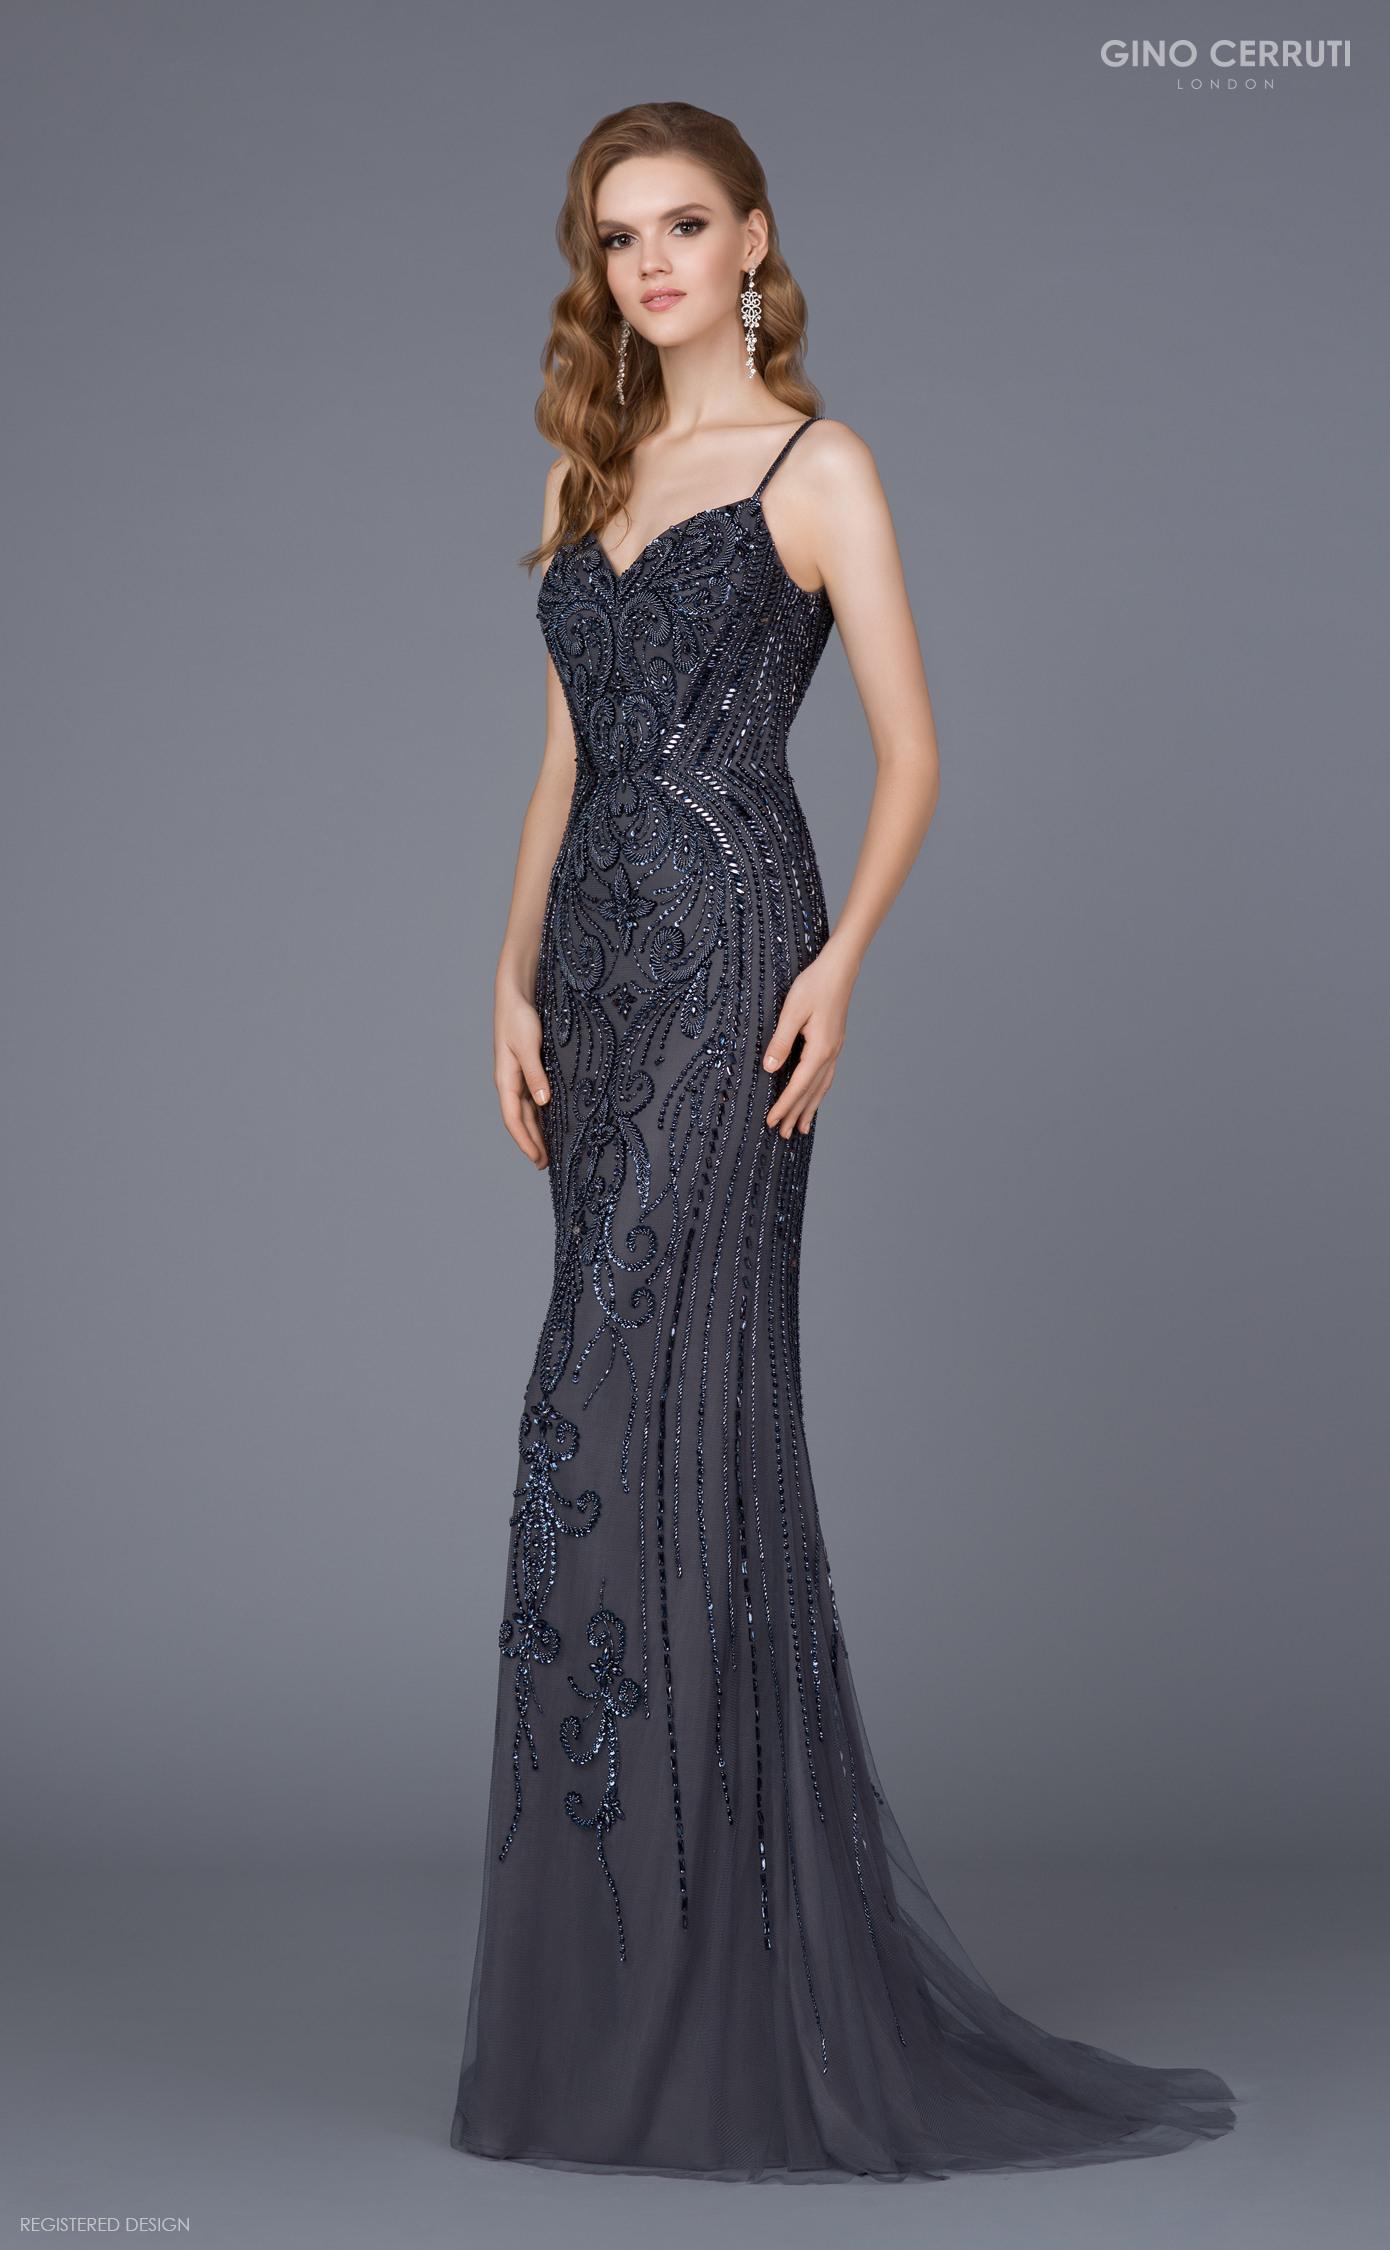 Abend Luxus Abendkleid Zürich Kaufen SpezialgebietDesigner Fantastisch Abendkleid Zürich Kaufen Boutique